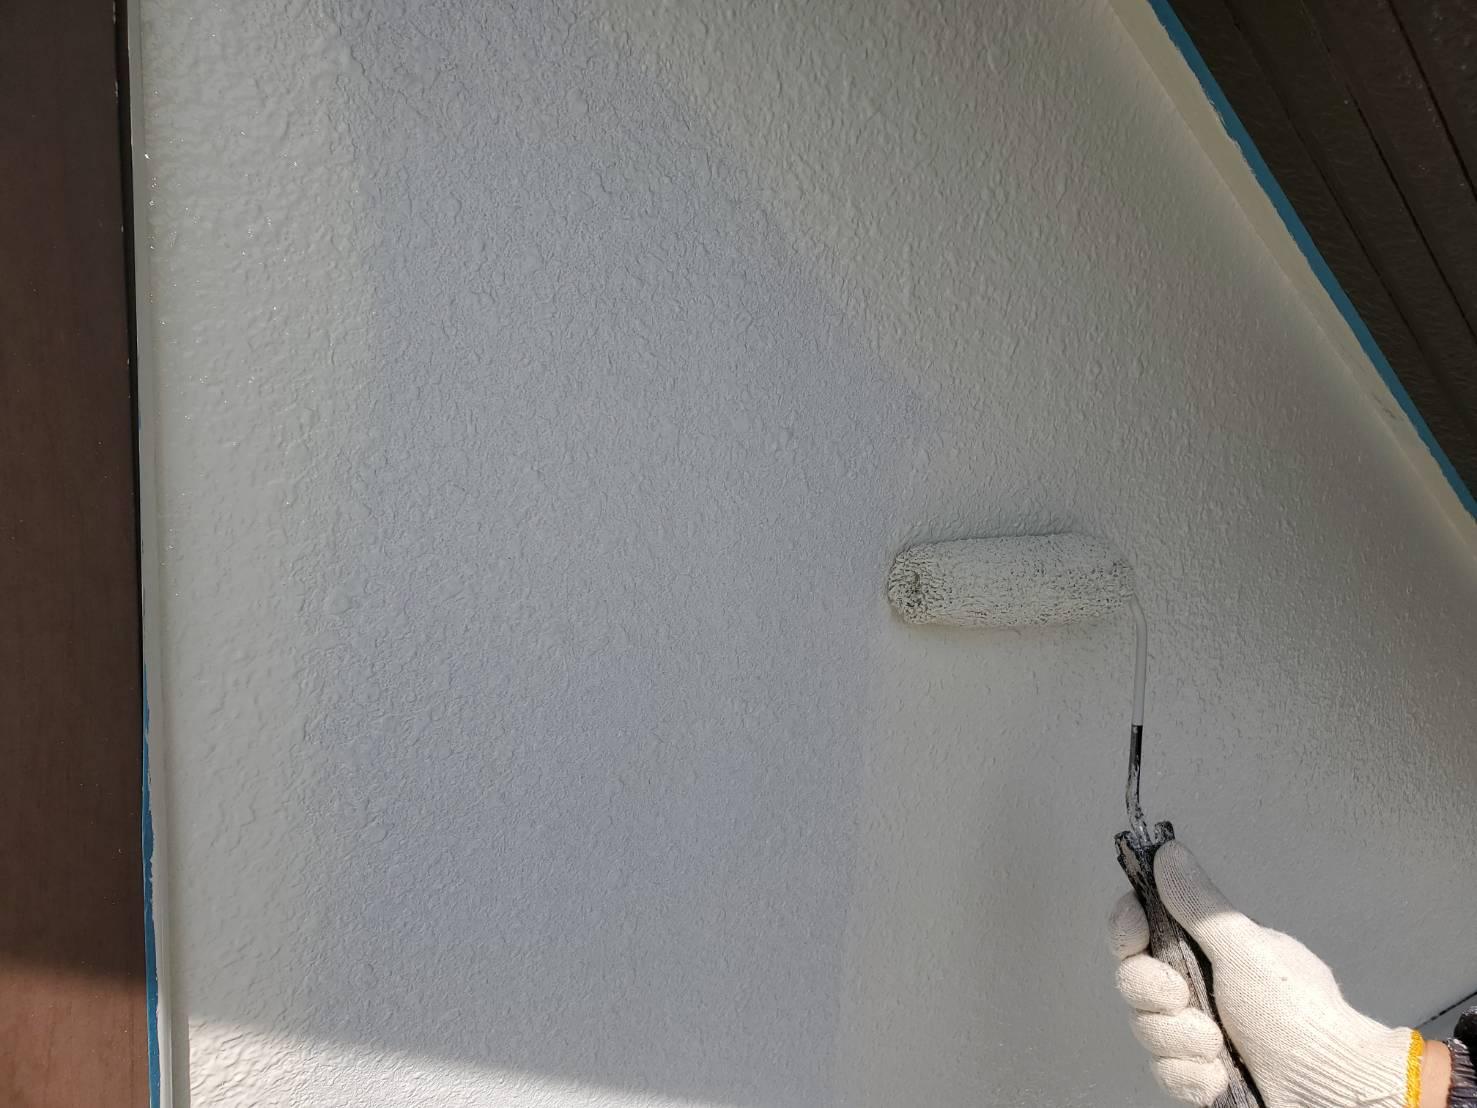 外壁塗装 佐賀 外壁 モルタル壁 塗装 中塗り